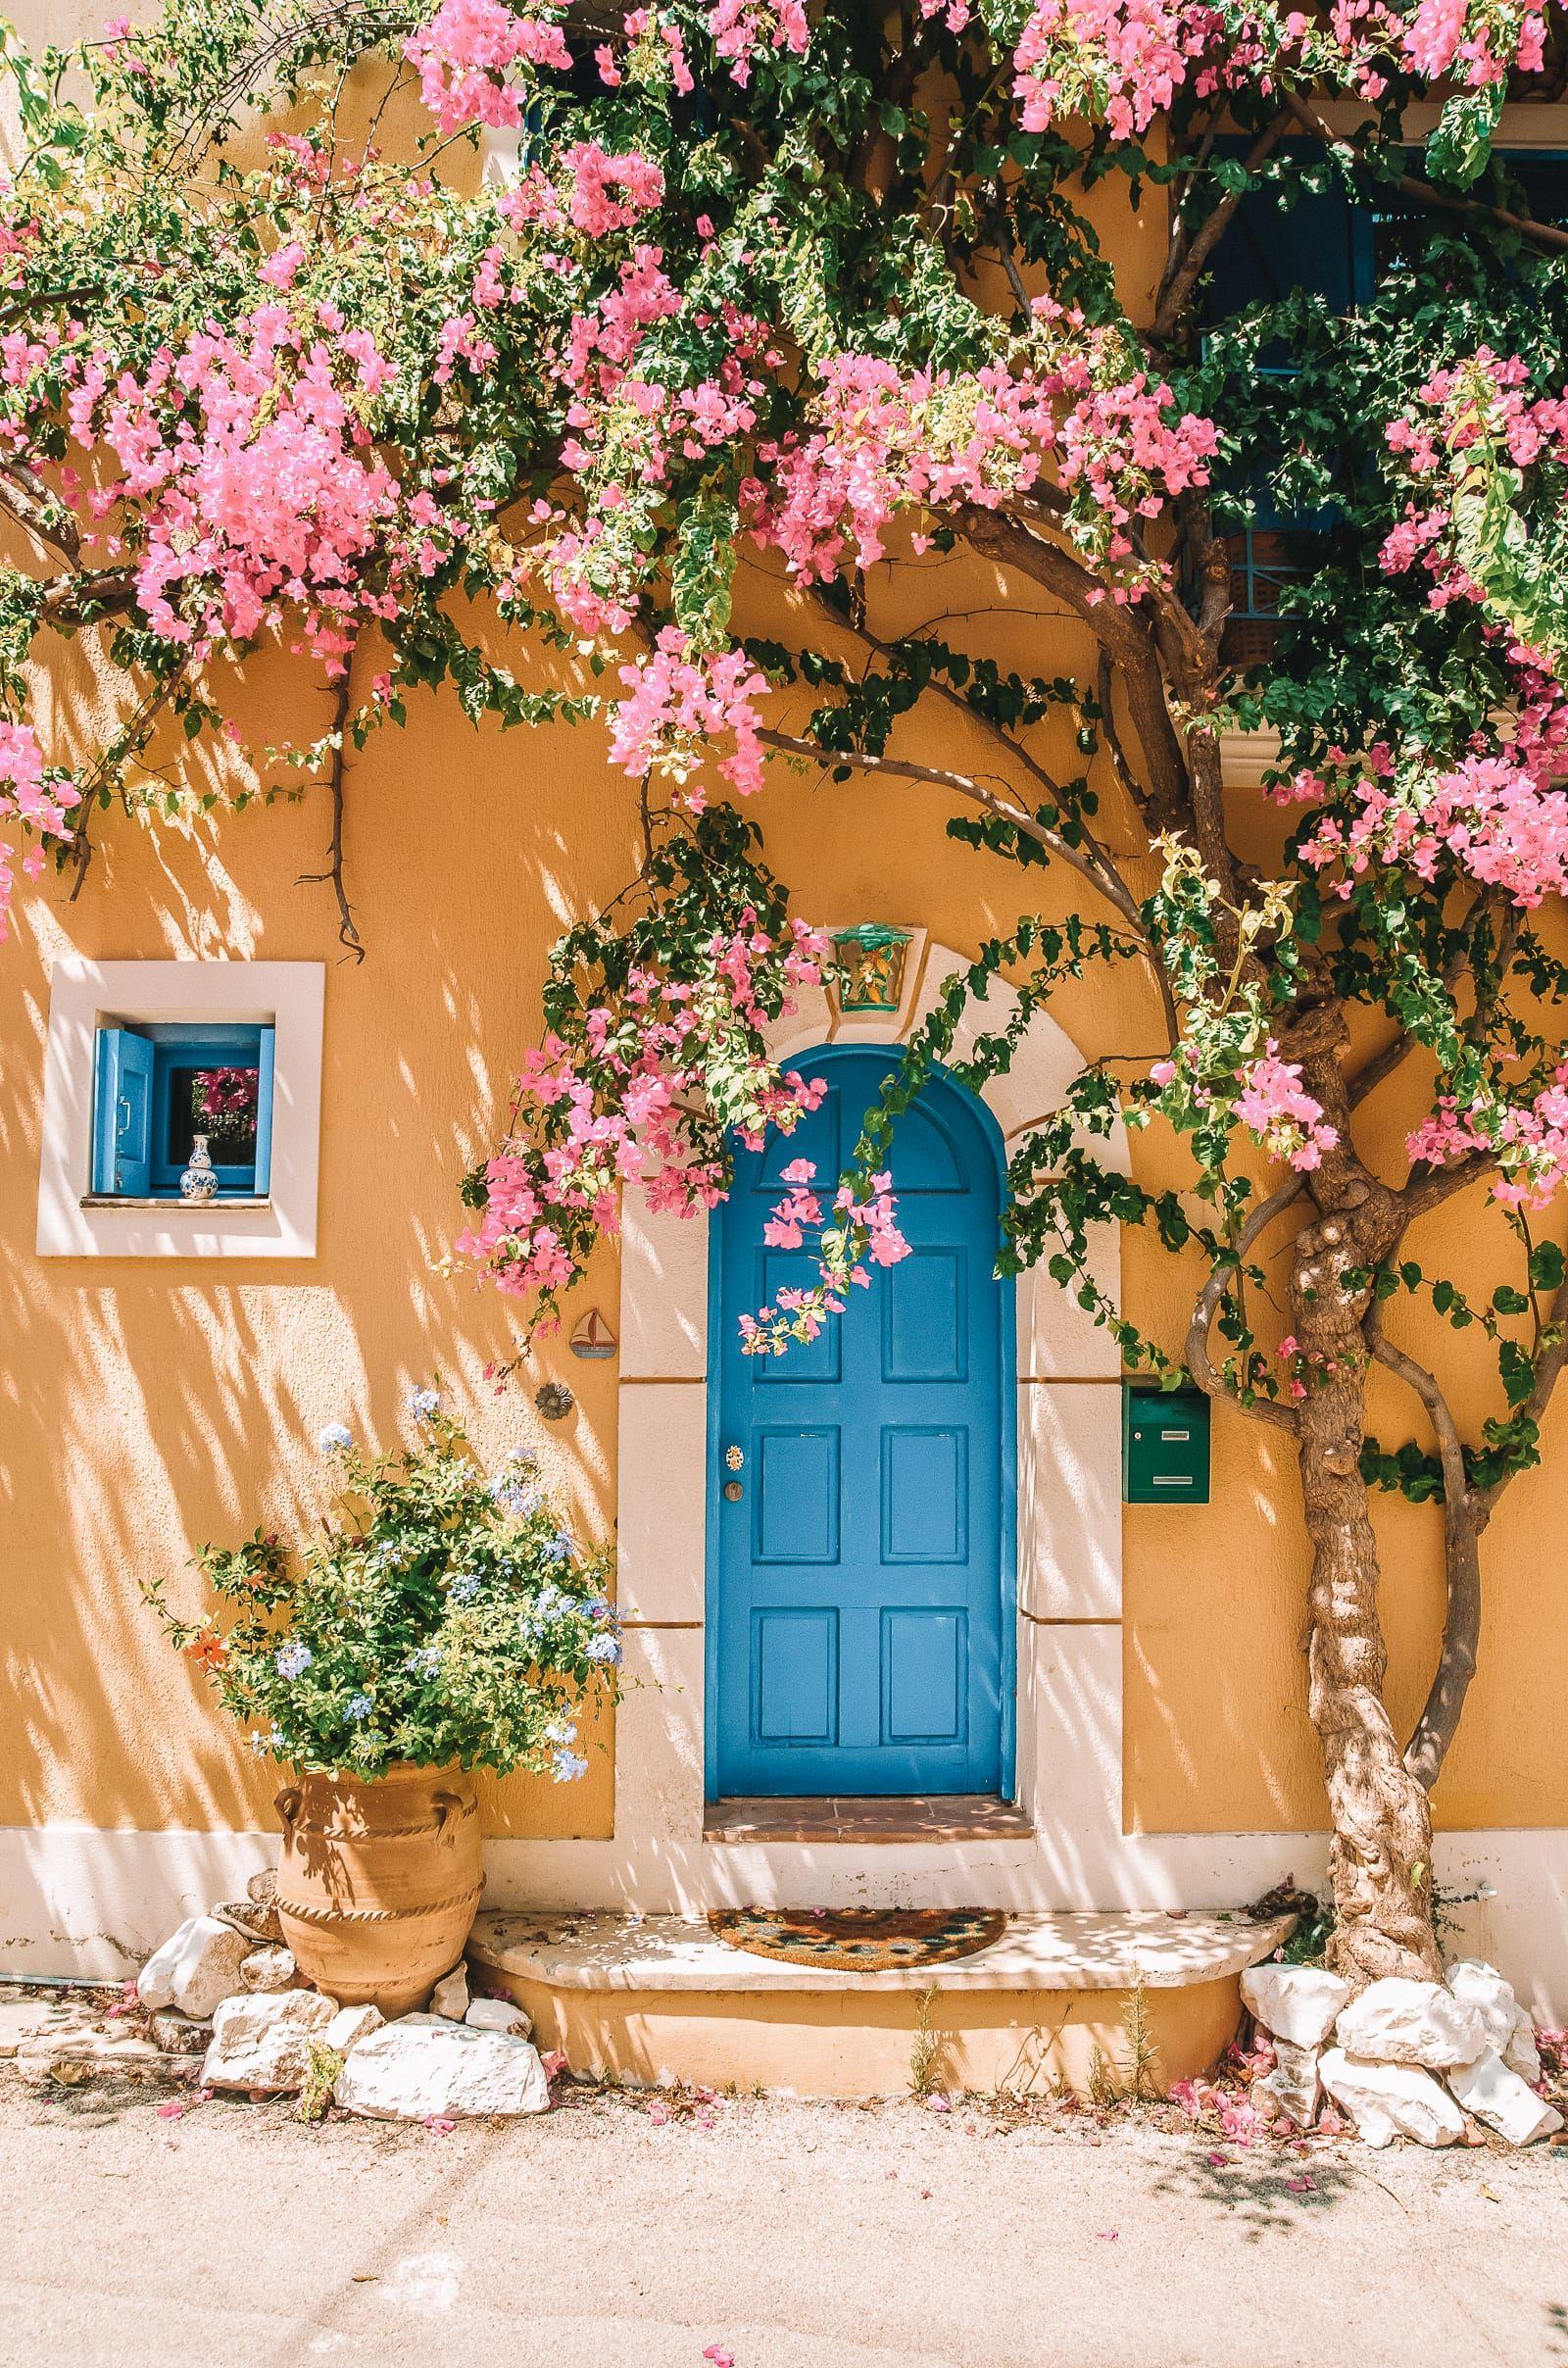 20 Very Best Greek Islands To Visit